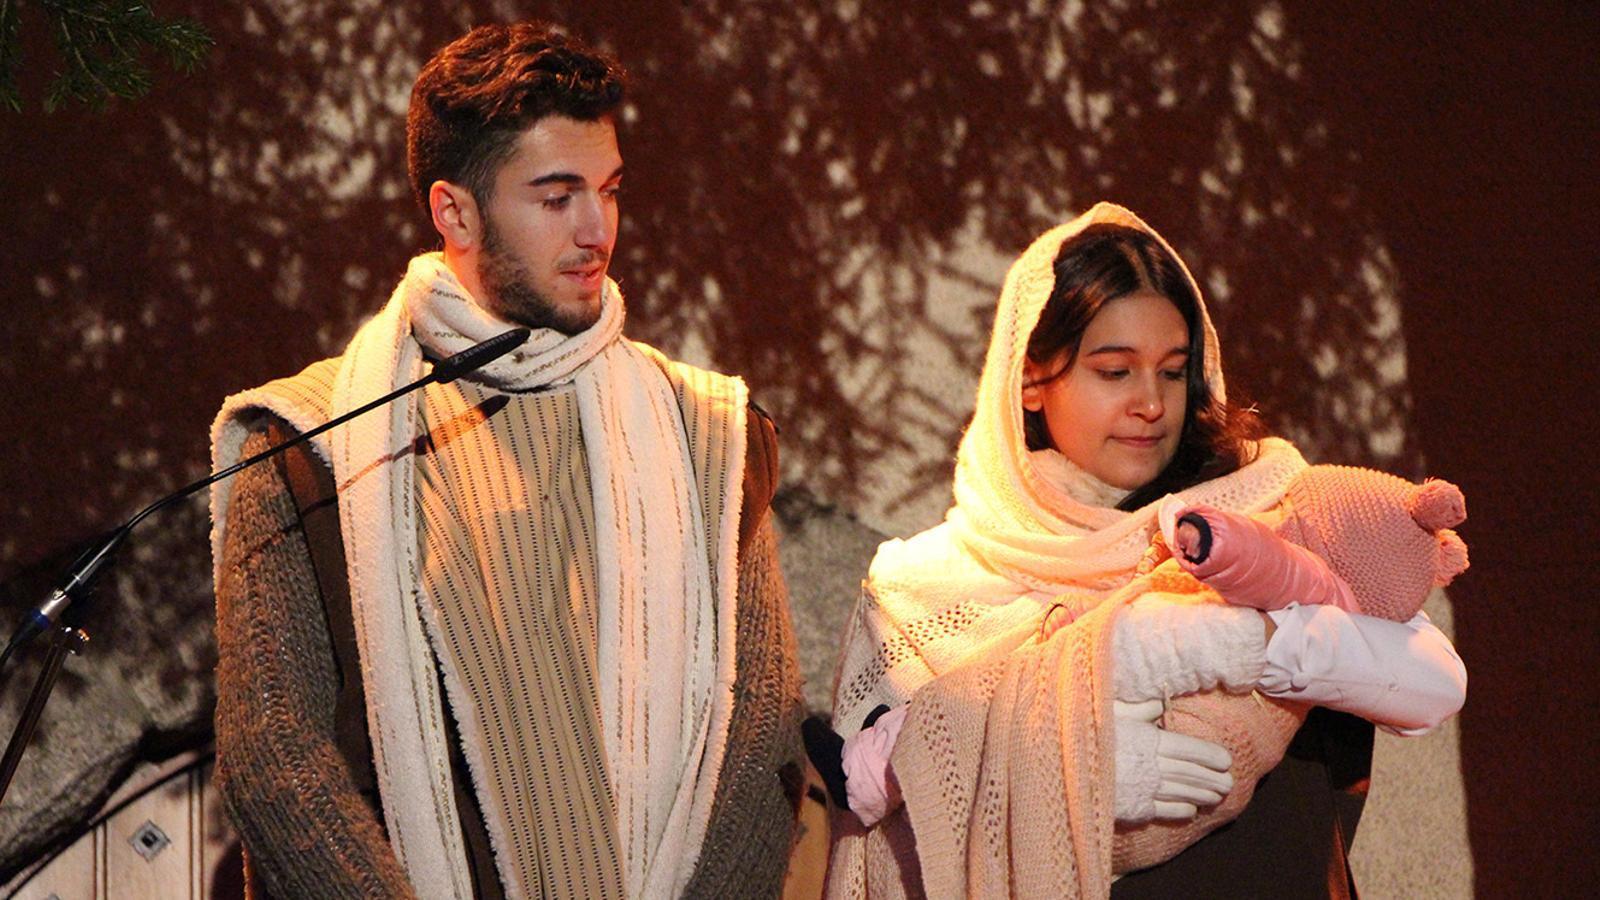 Els personatges de Sant Josep i la Verge Maria amb Jesús als braços, durant la representació de l'any passat. / ARXIU ANA